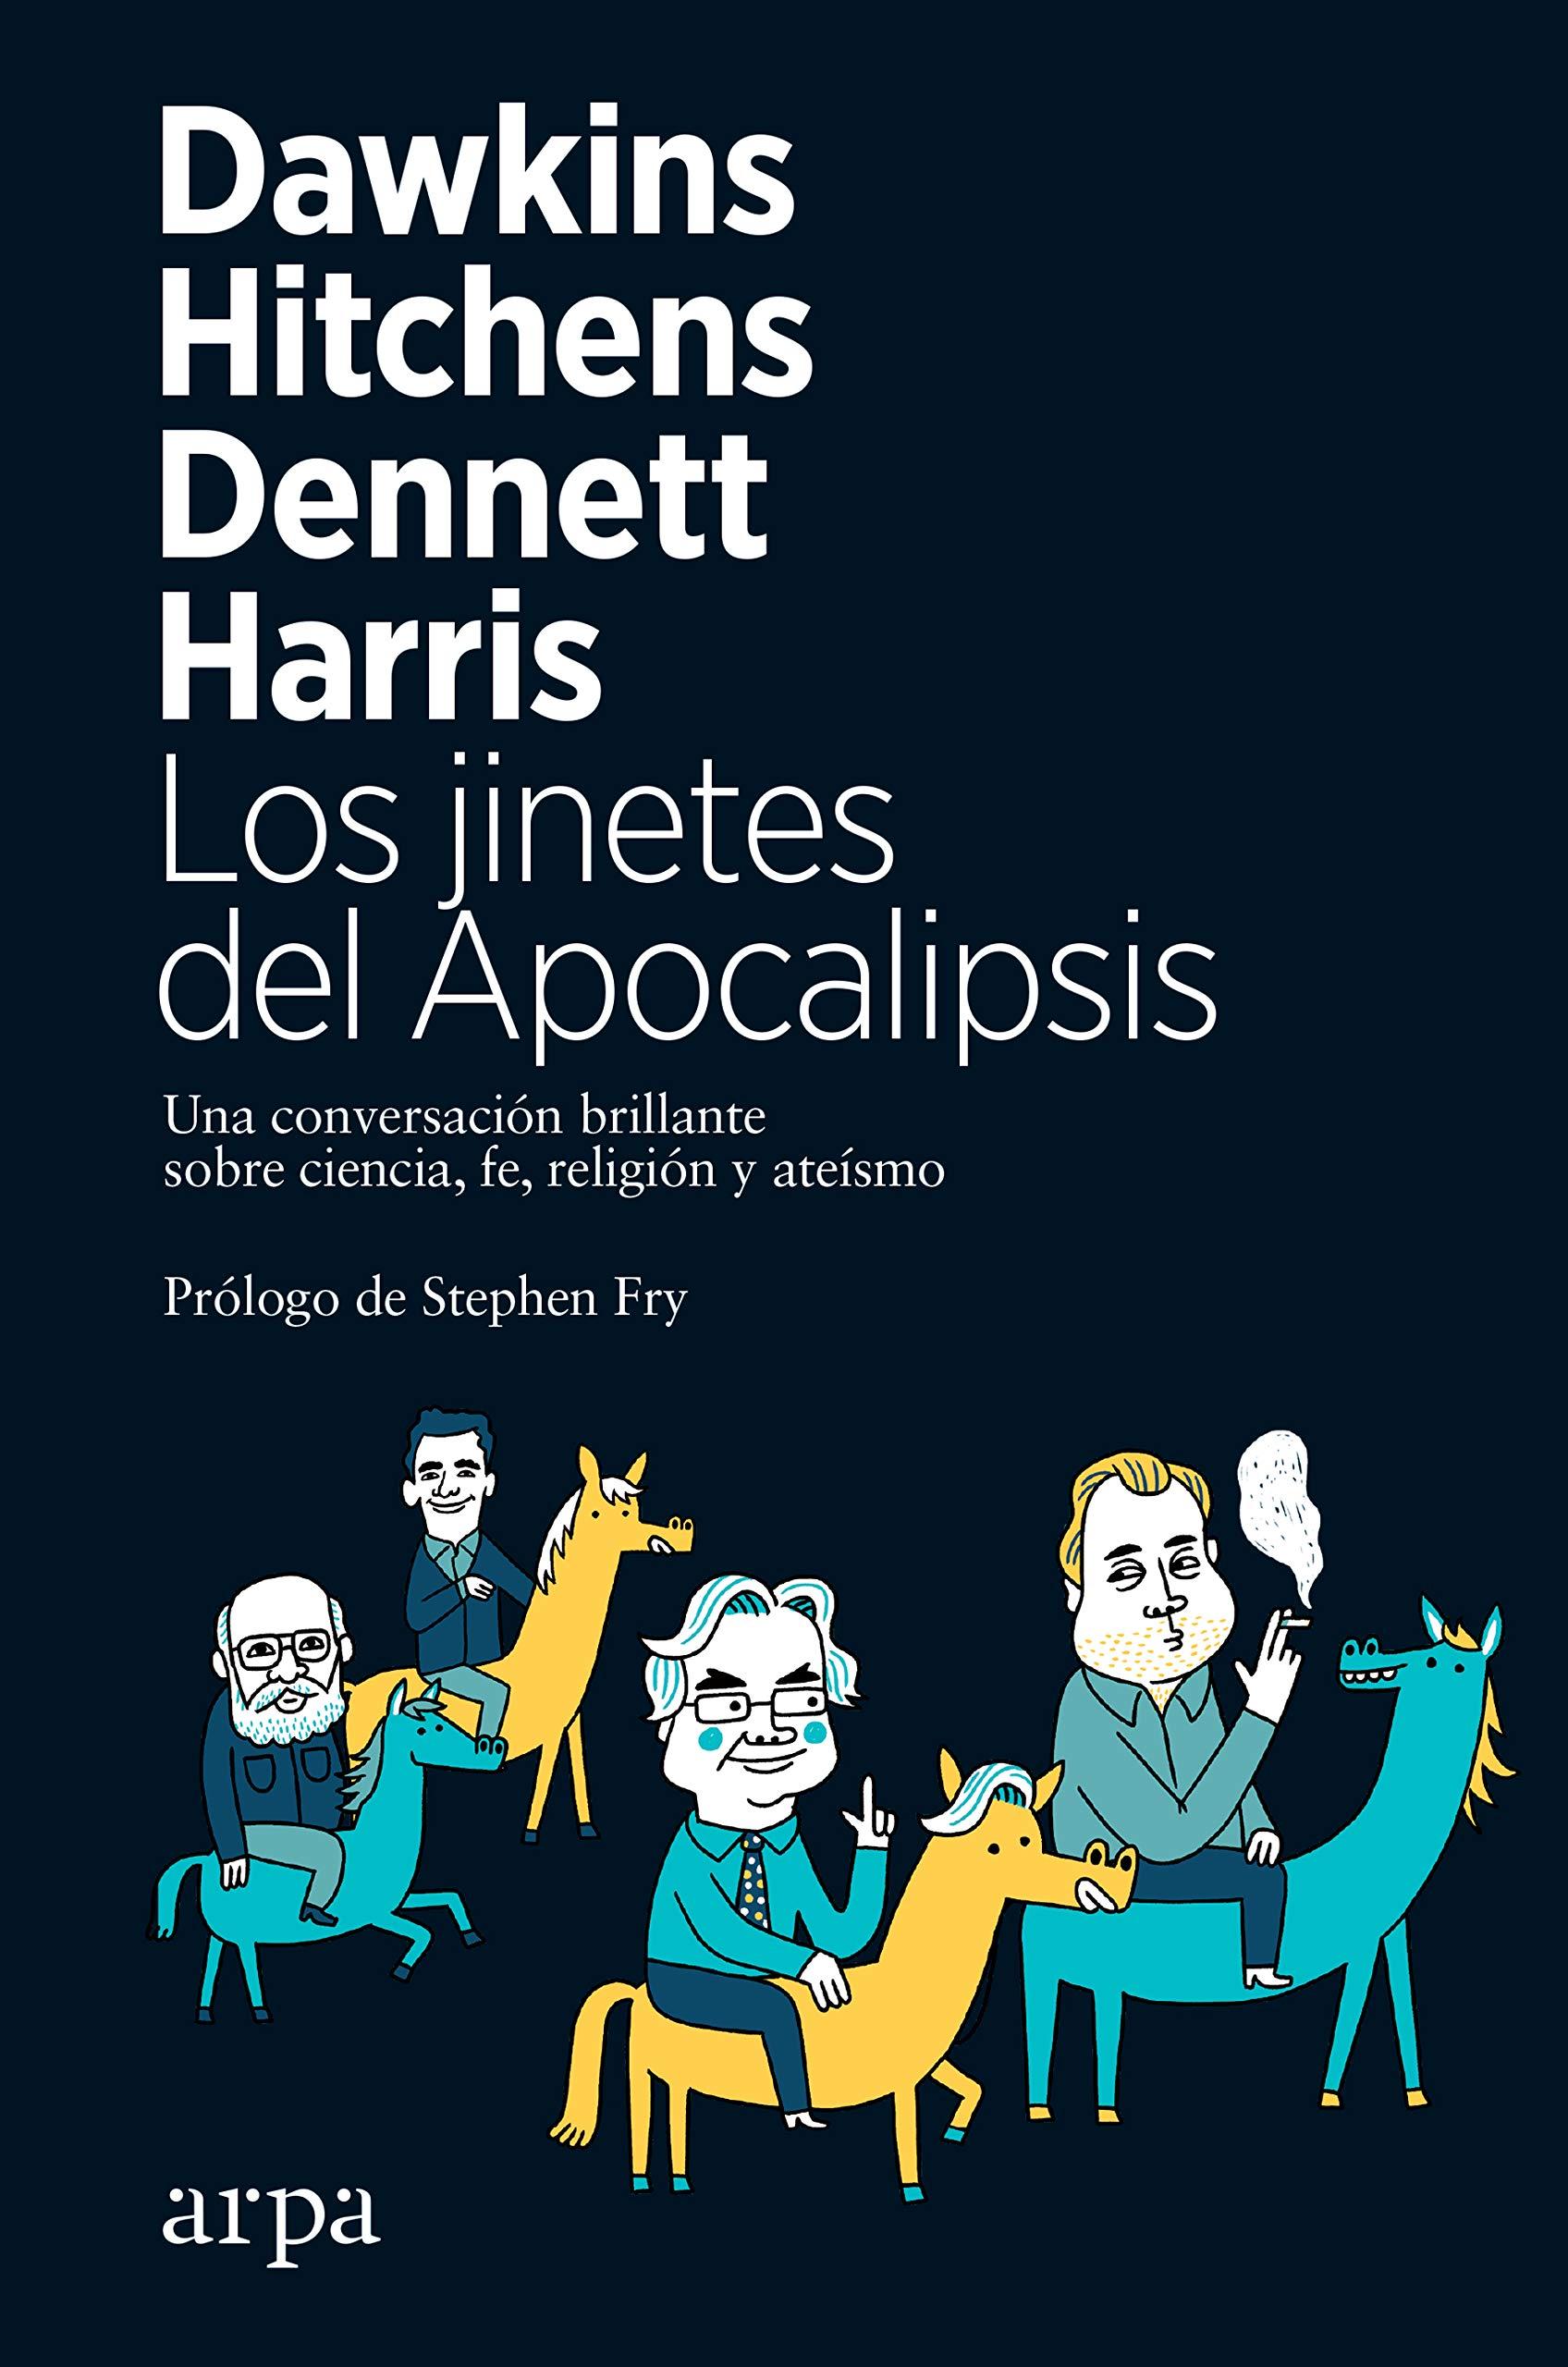 Los jinetes del Apocalipsis: Una conversación brillante sobre ciencia, fe, religión  y ateísmo